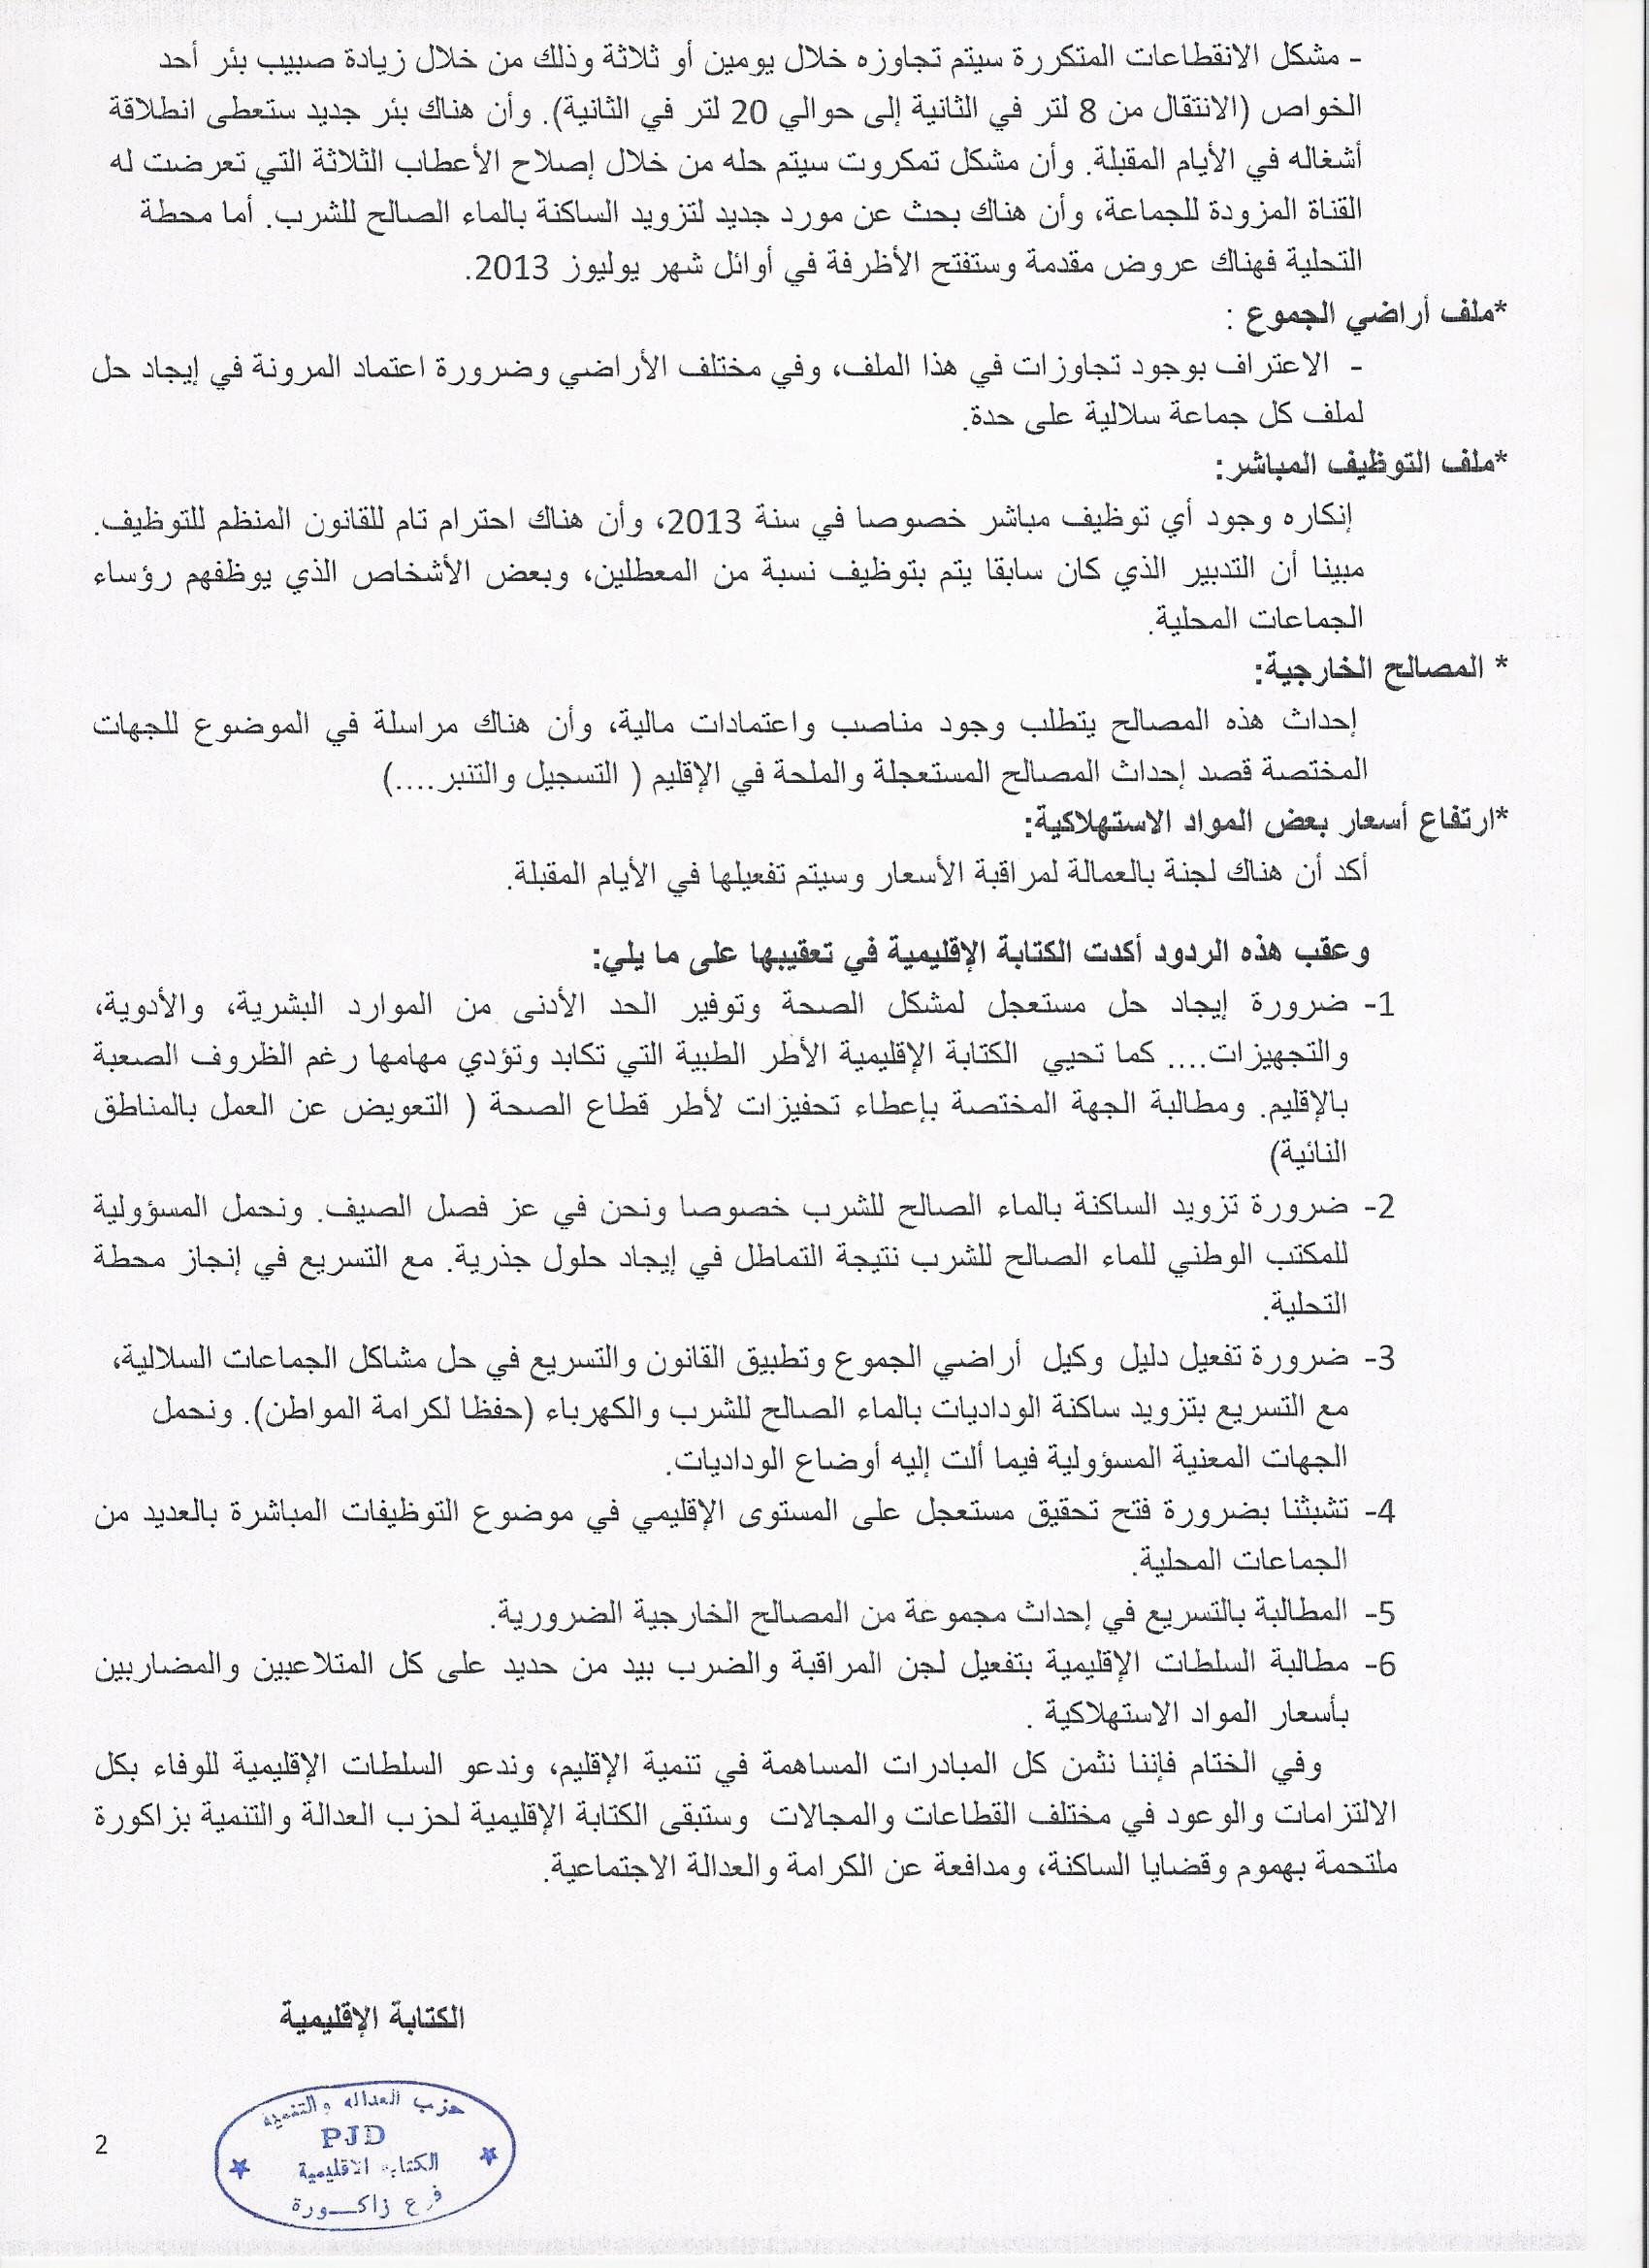 بلاغ الكتابة الاقليمية لحزب العدالة و التنمية بزاكورة